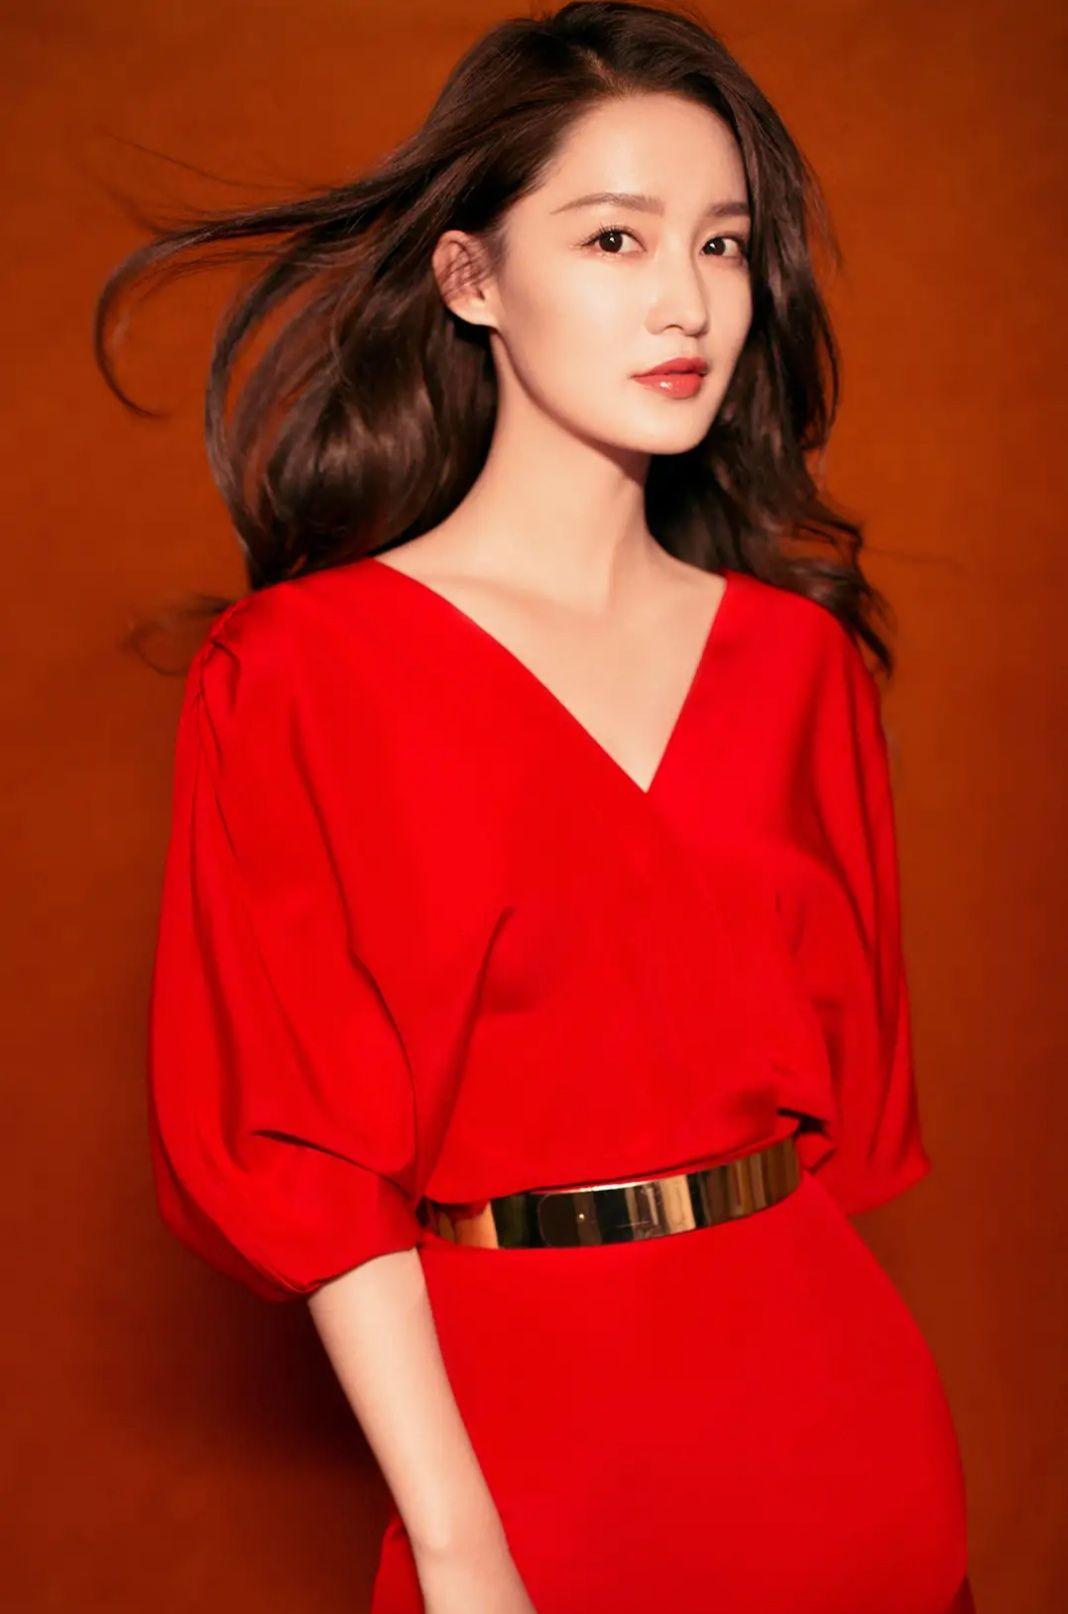 影视女星李沁个人写真集:清新靓丽、魅力动人!